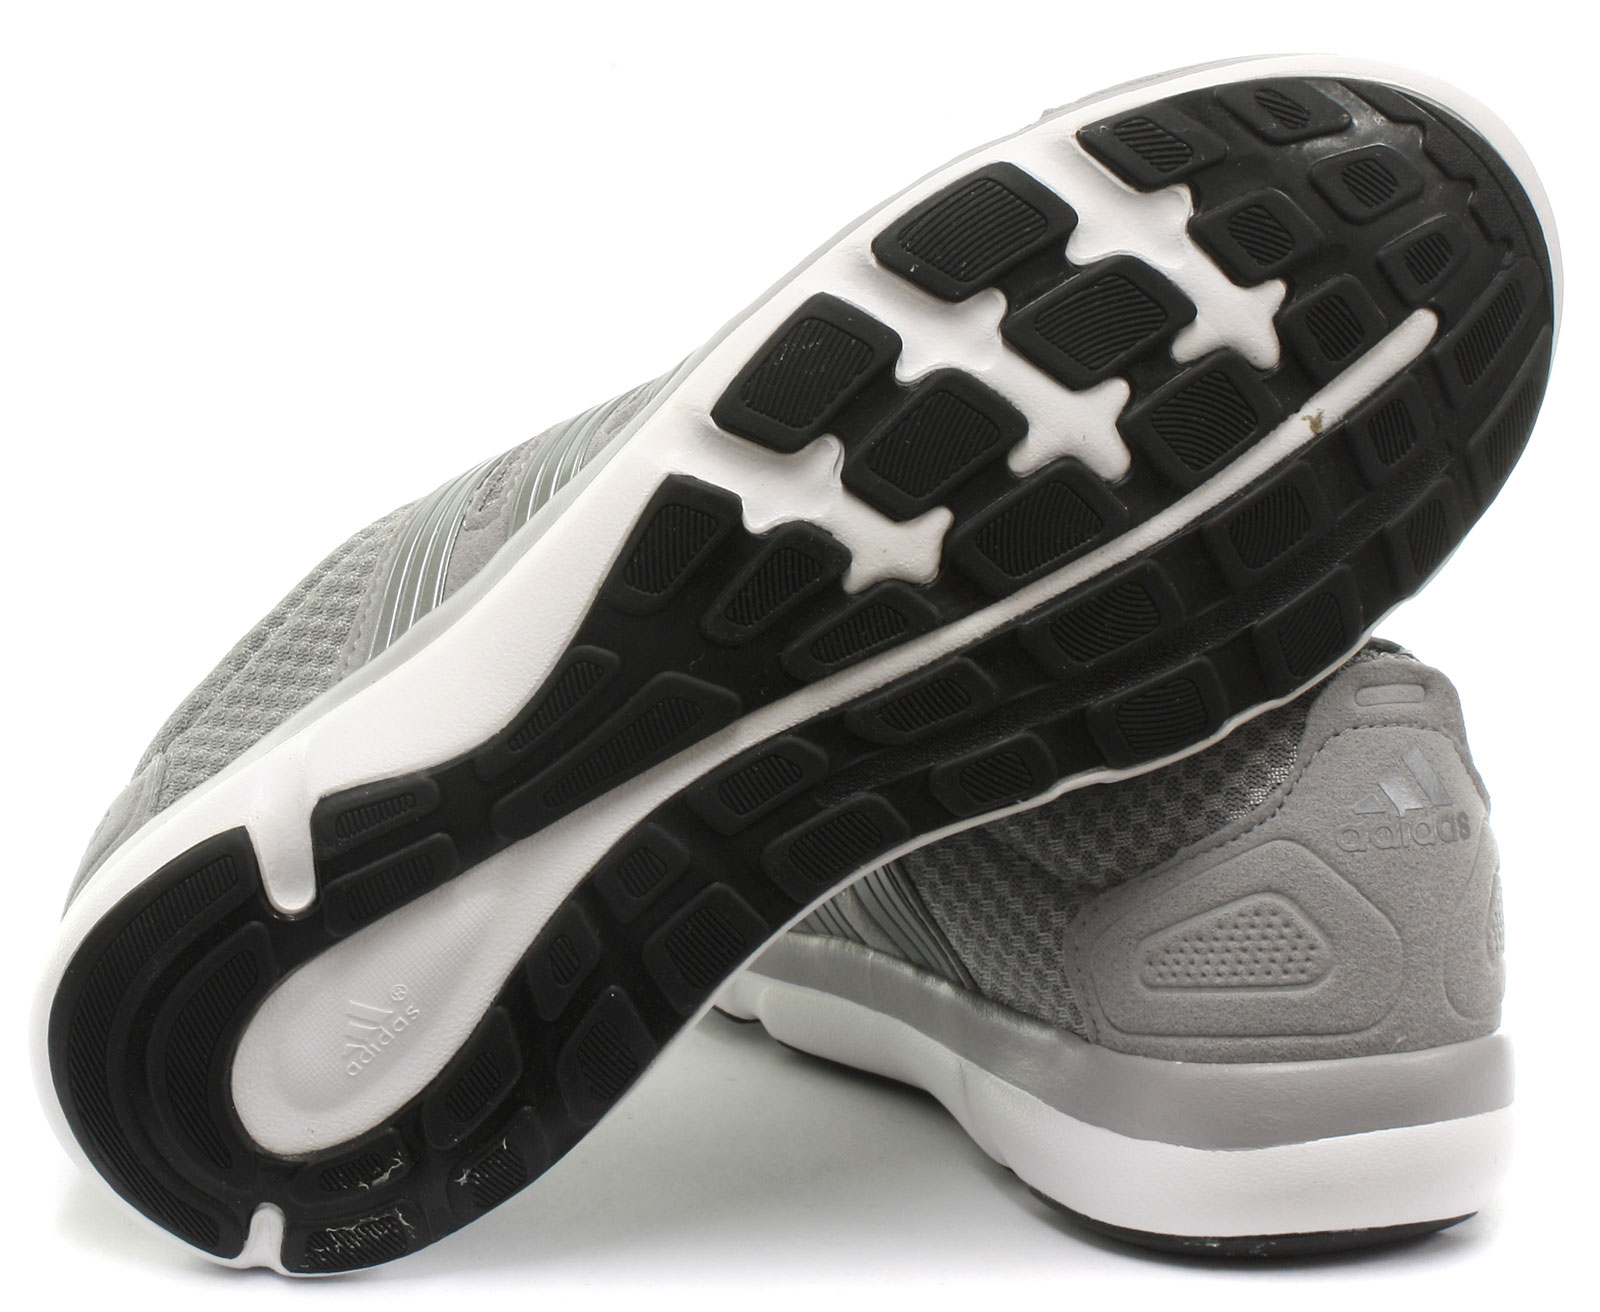 Trainers Adidas Trainers Element Nouveau Soul Tailles 2 Toutes qgwTC6CxO